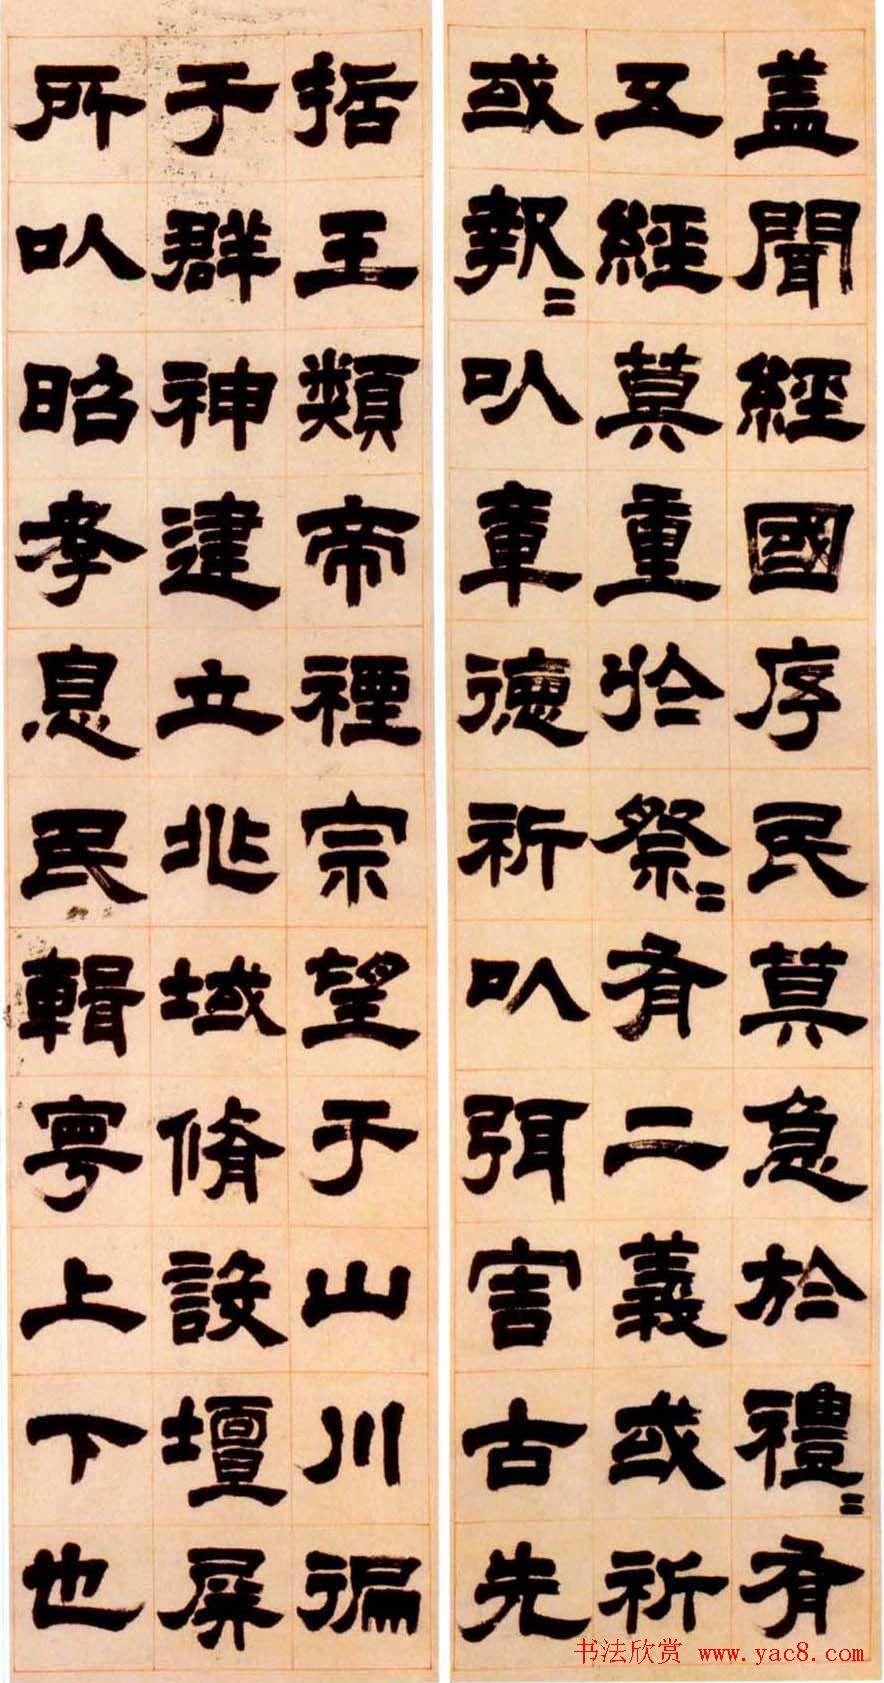 吴熙载隶书欣赏《盖闻经国十二屏》